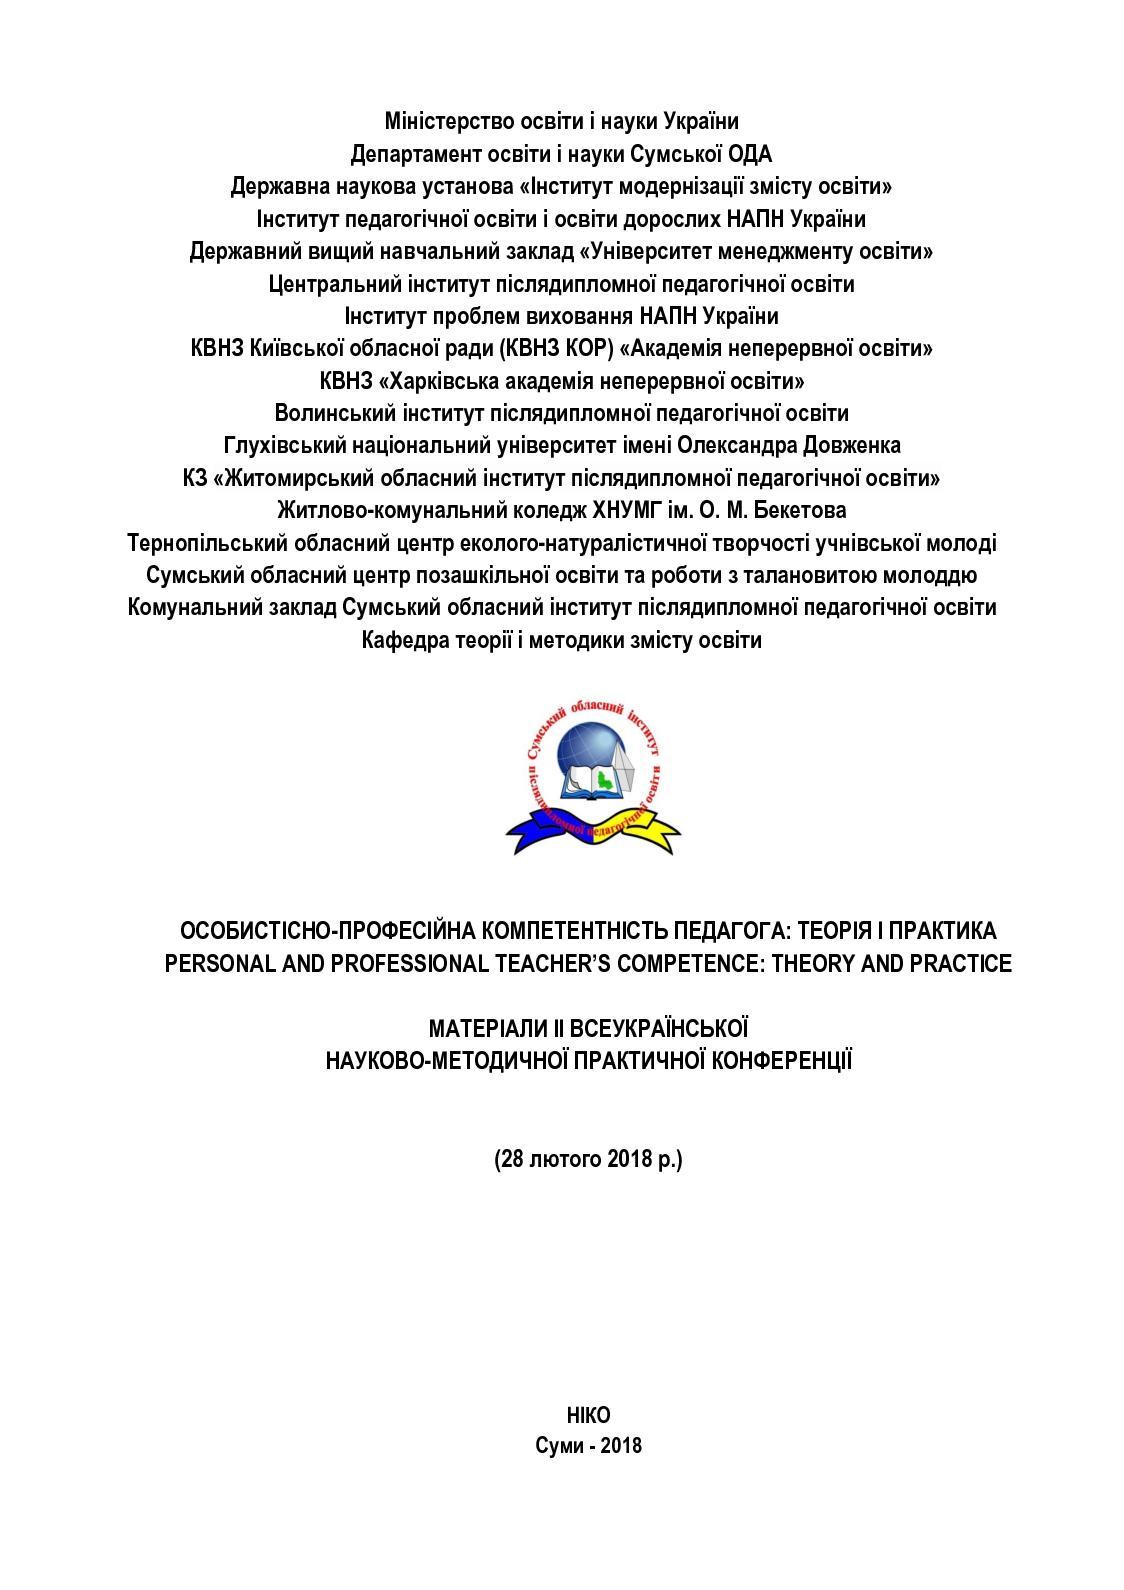 Calaméo - Особистісно професійна компетентність педагога теорія і практика  збірник матеріалів ІІ Всеукраїнської науково методичної практичної  конференції ... c64df86d429cf